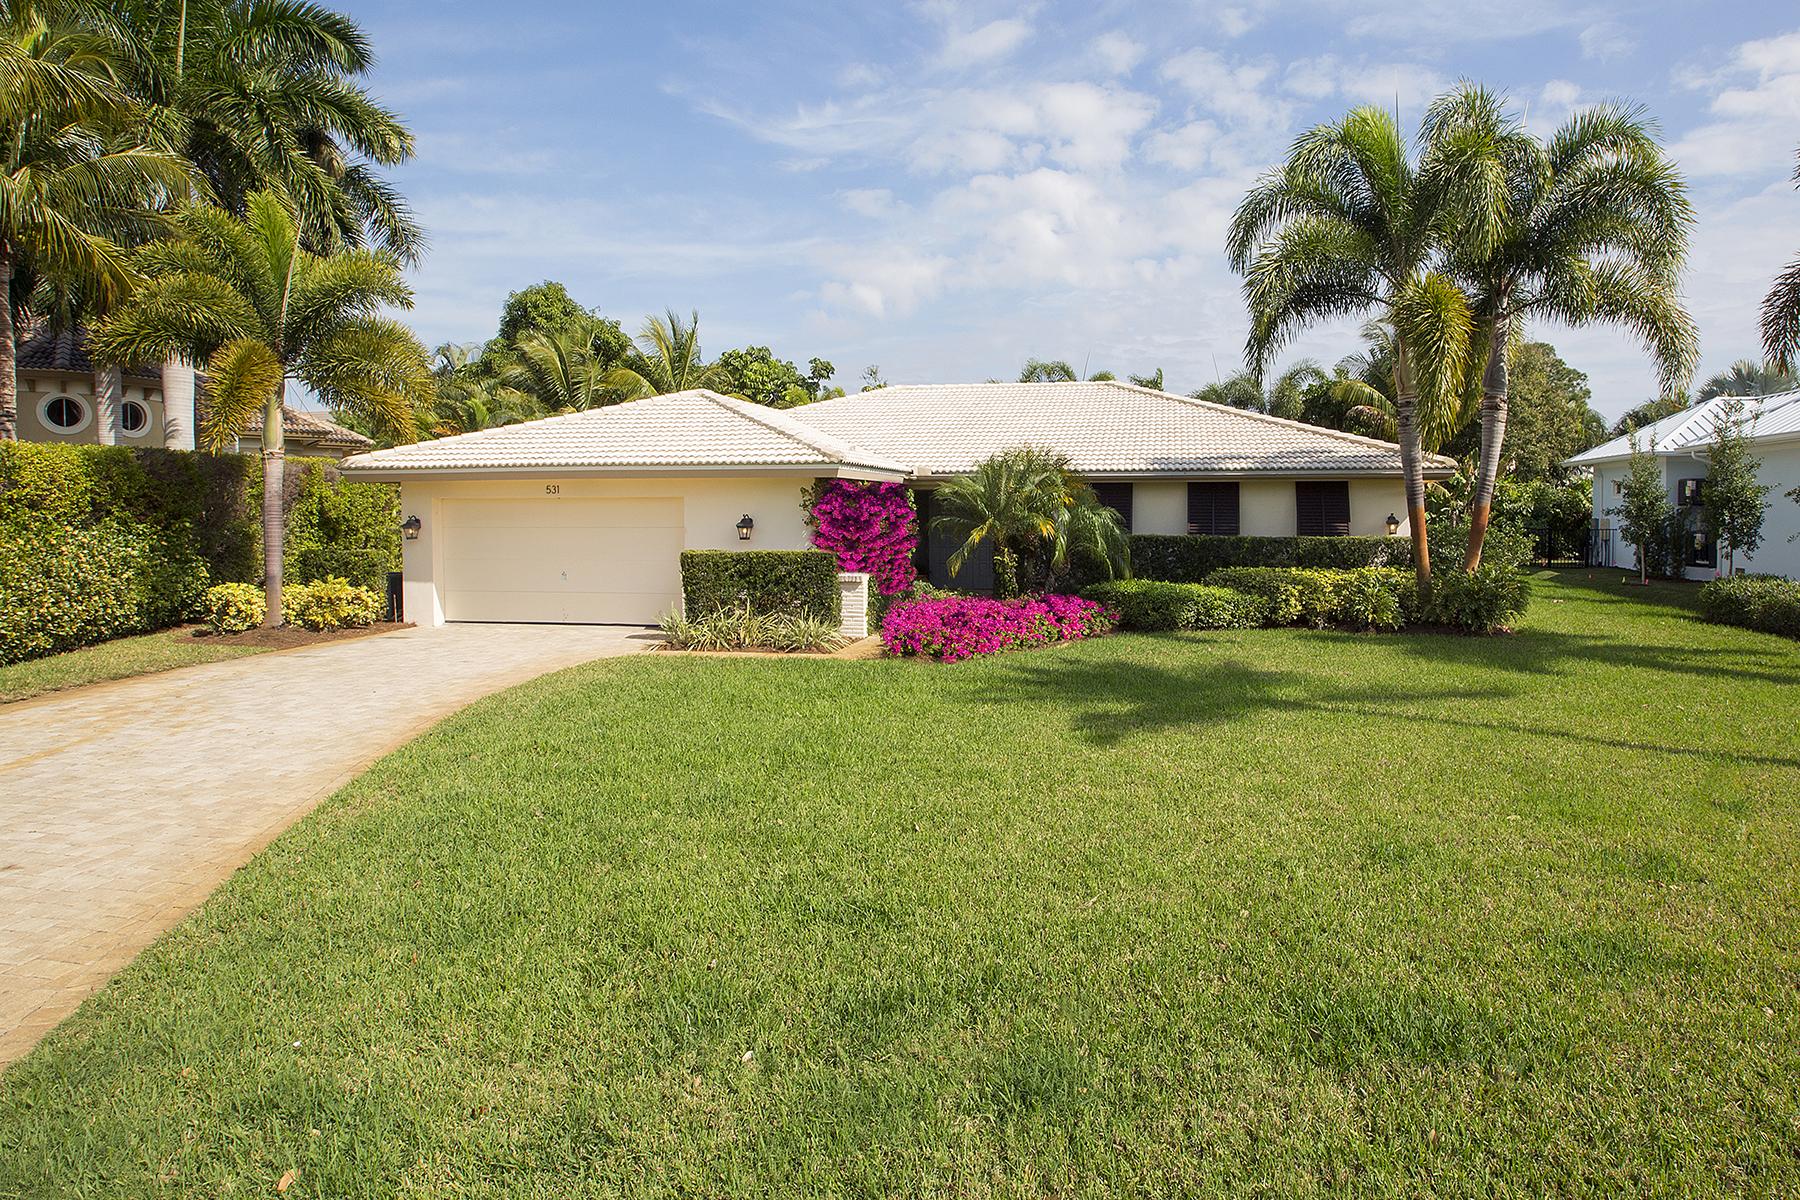 Maison unifamiliale pour l Vente à PARK SHORE 531 Turtle Hatch Ln Naples, Florida, 34103 États-Unis